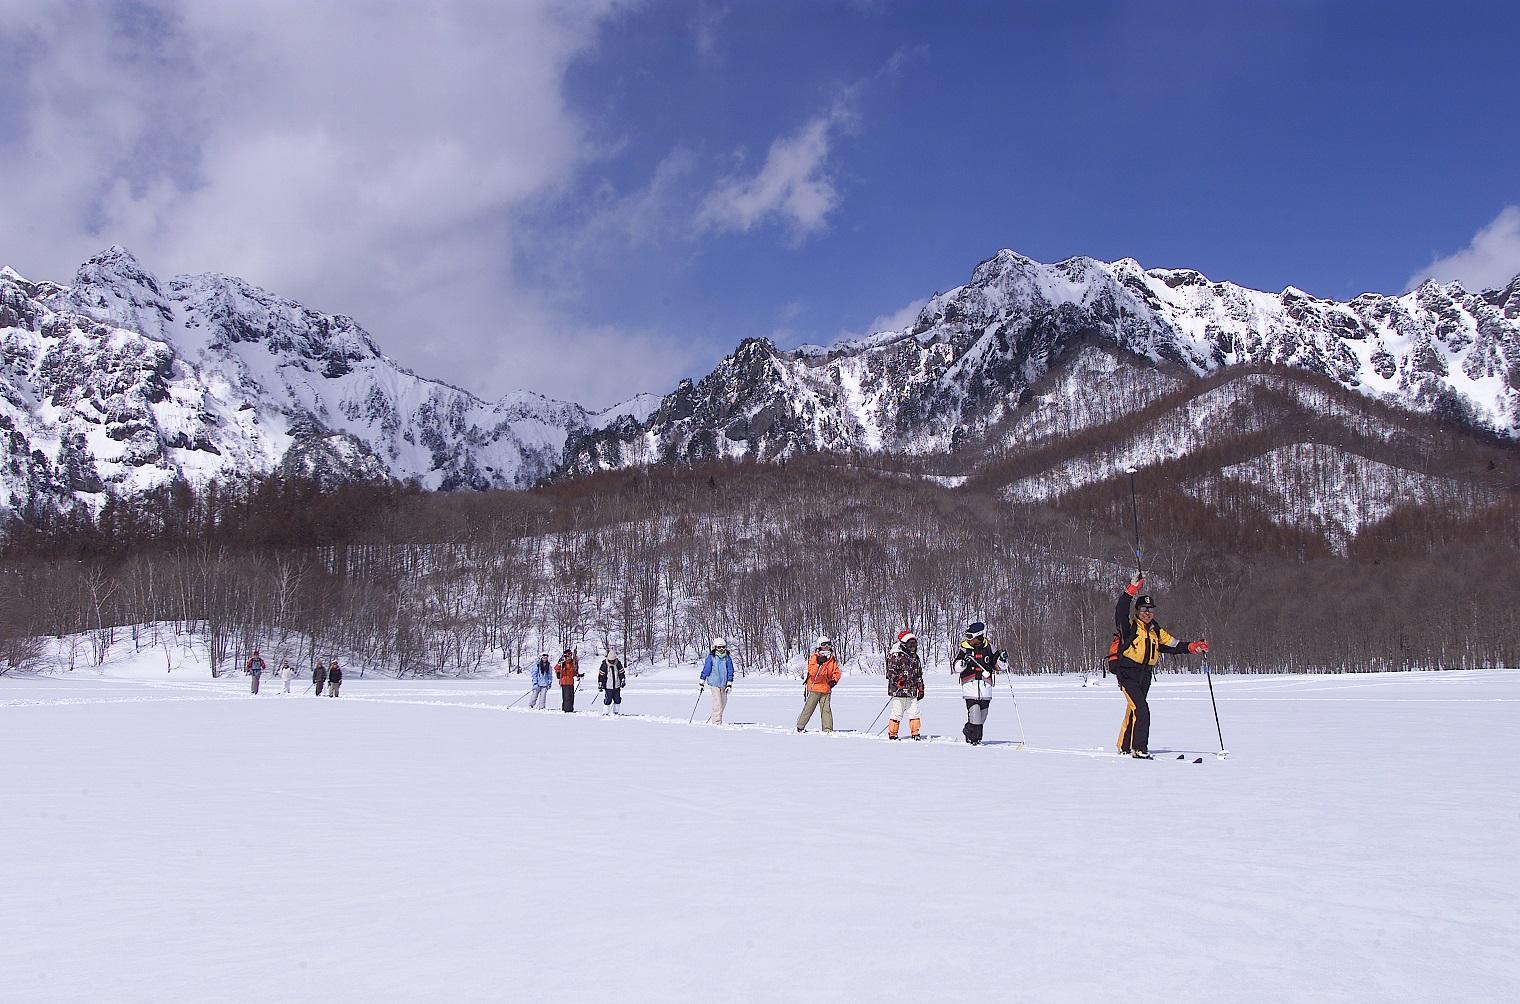 スノーシュー・クロスカントリースキーでの冬の森散歩